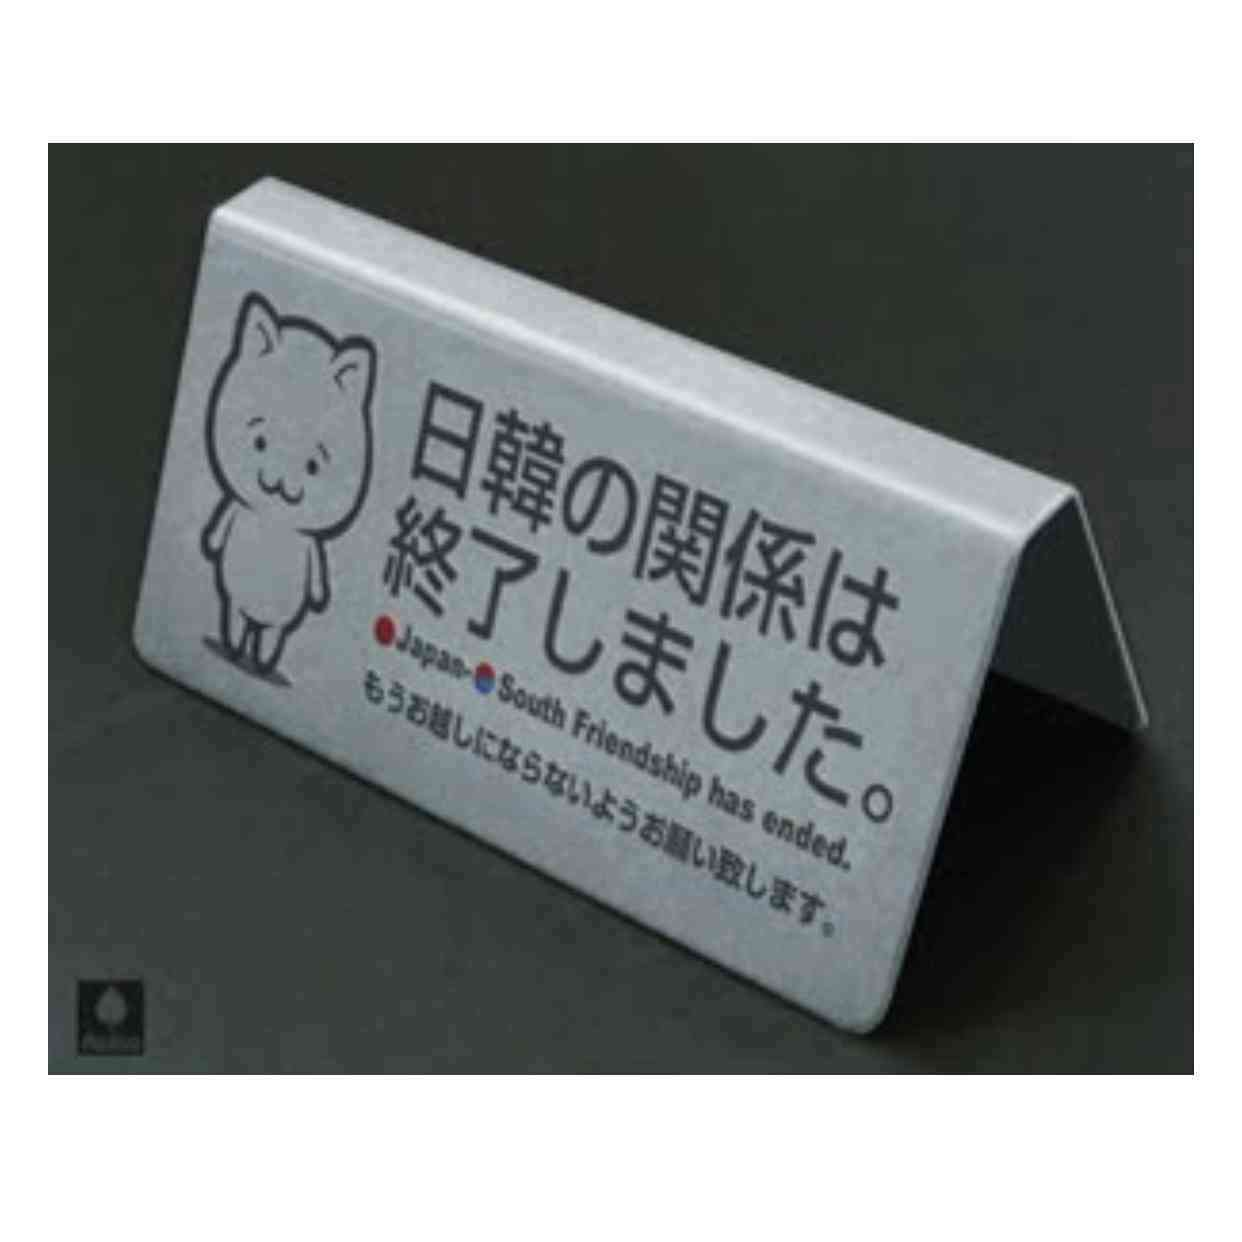 東方神起ユンホ、日本公演で「猿マネ」 「差別的」と物議、ファン「ゴリラが好きなのよ」